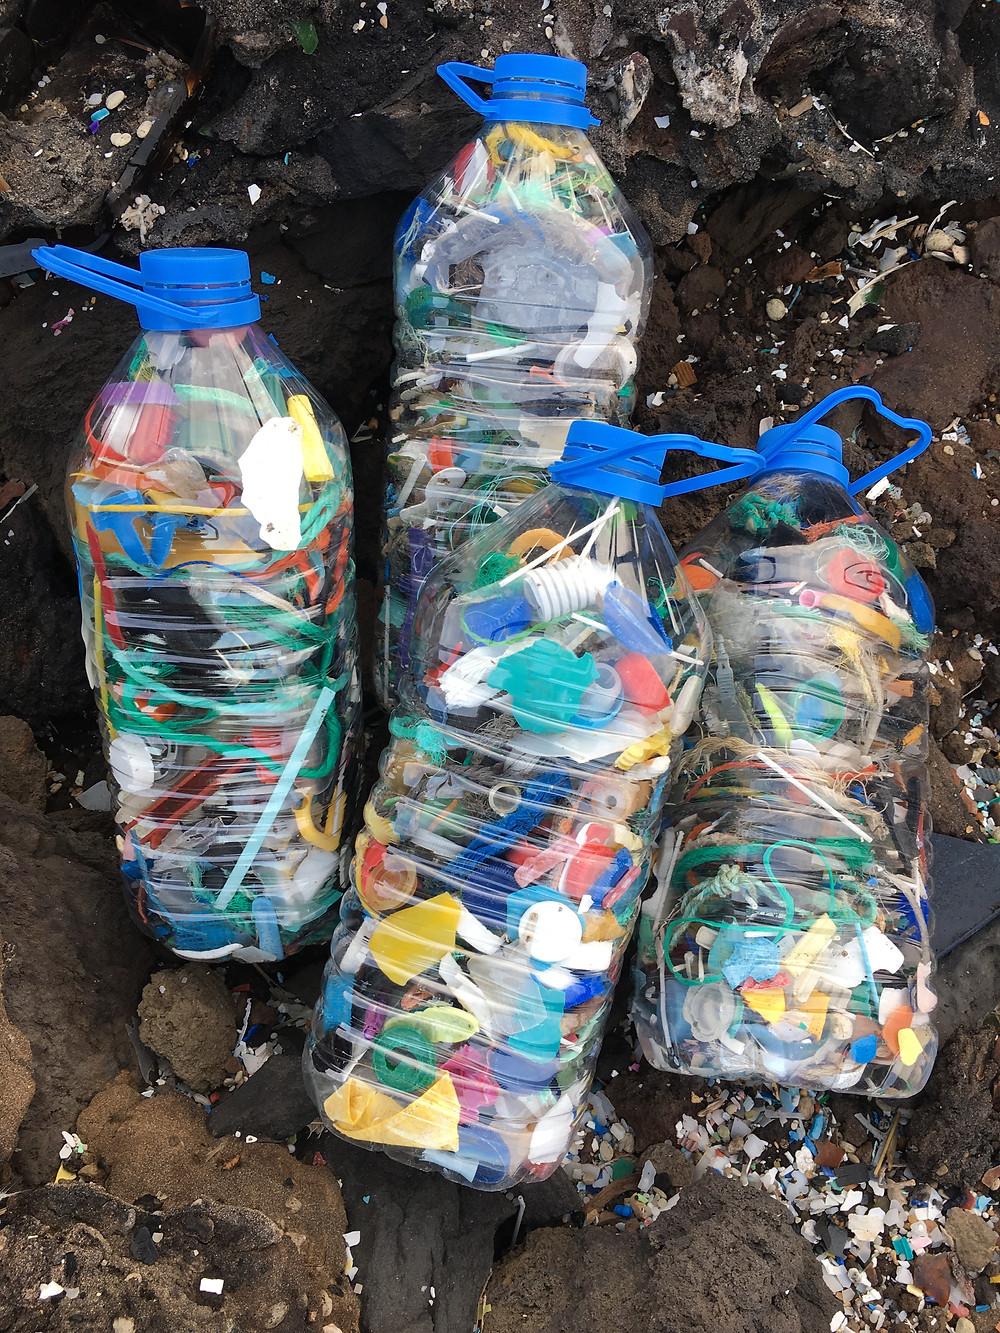 Garrafas llenas de basura encontrada en la playa. Foto: María Celmas